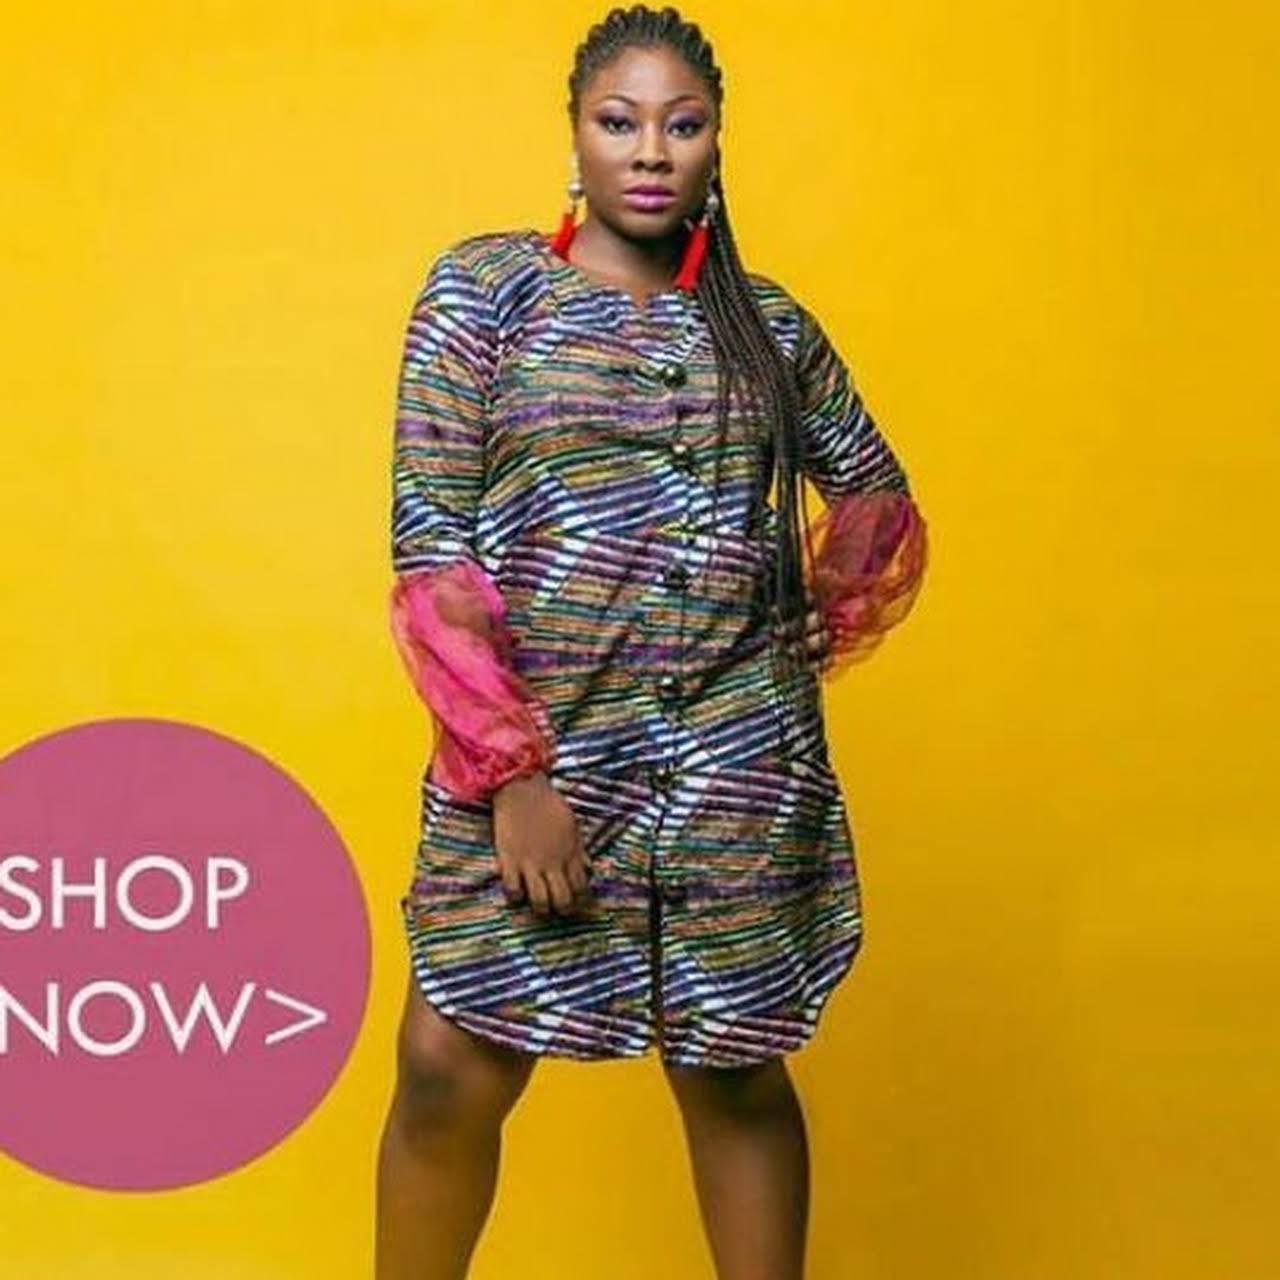 Fashion Icon Planet Fashion Designer In Lagos